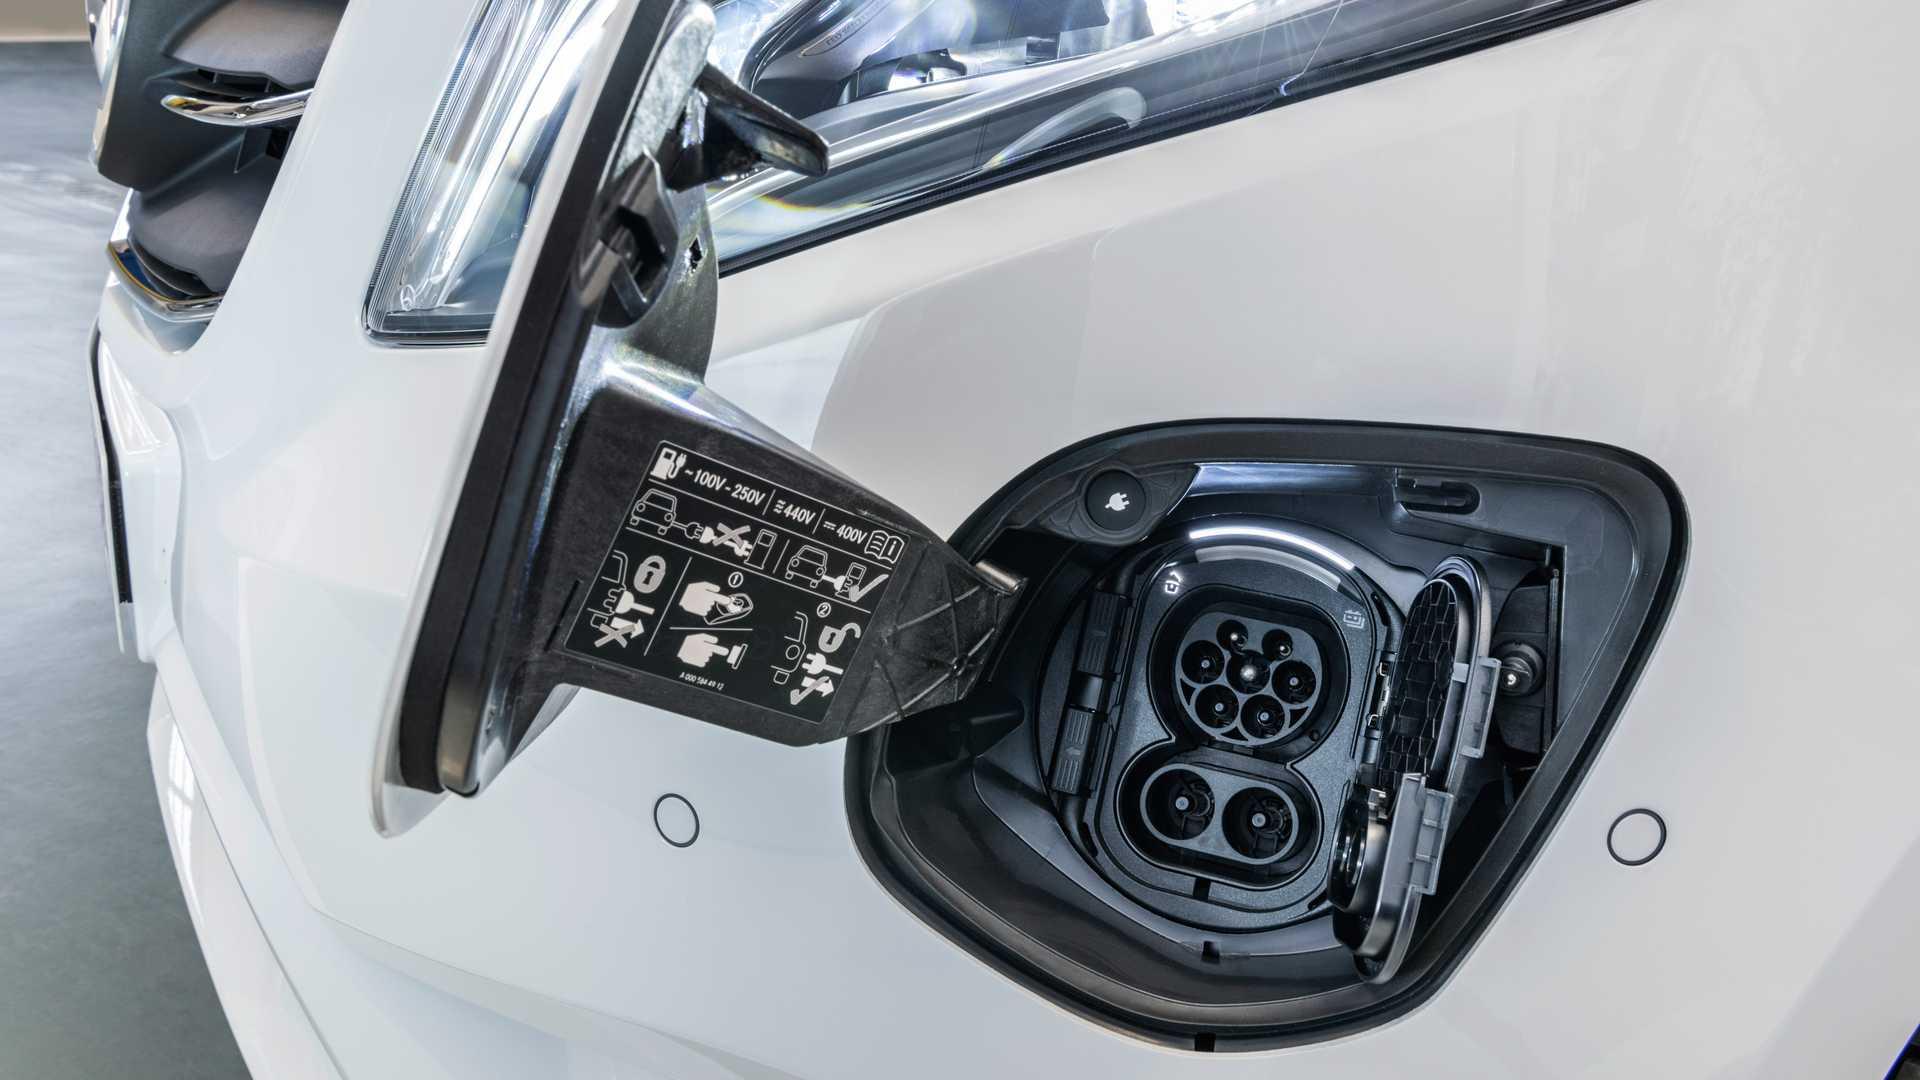 Τα πλεονεκτήματα και τα μειονεκτήματα των ηλεκτρικών αυτοκινήτων